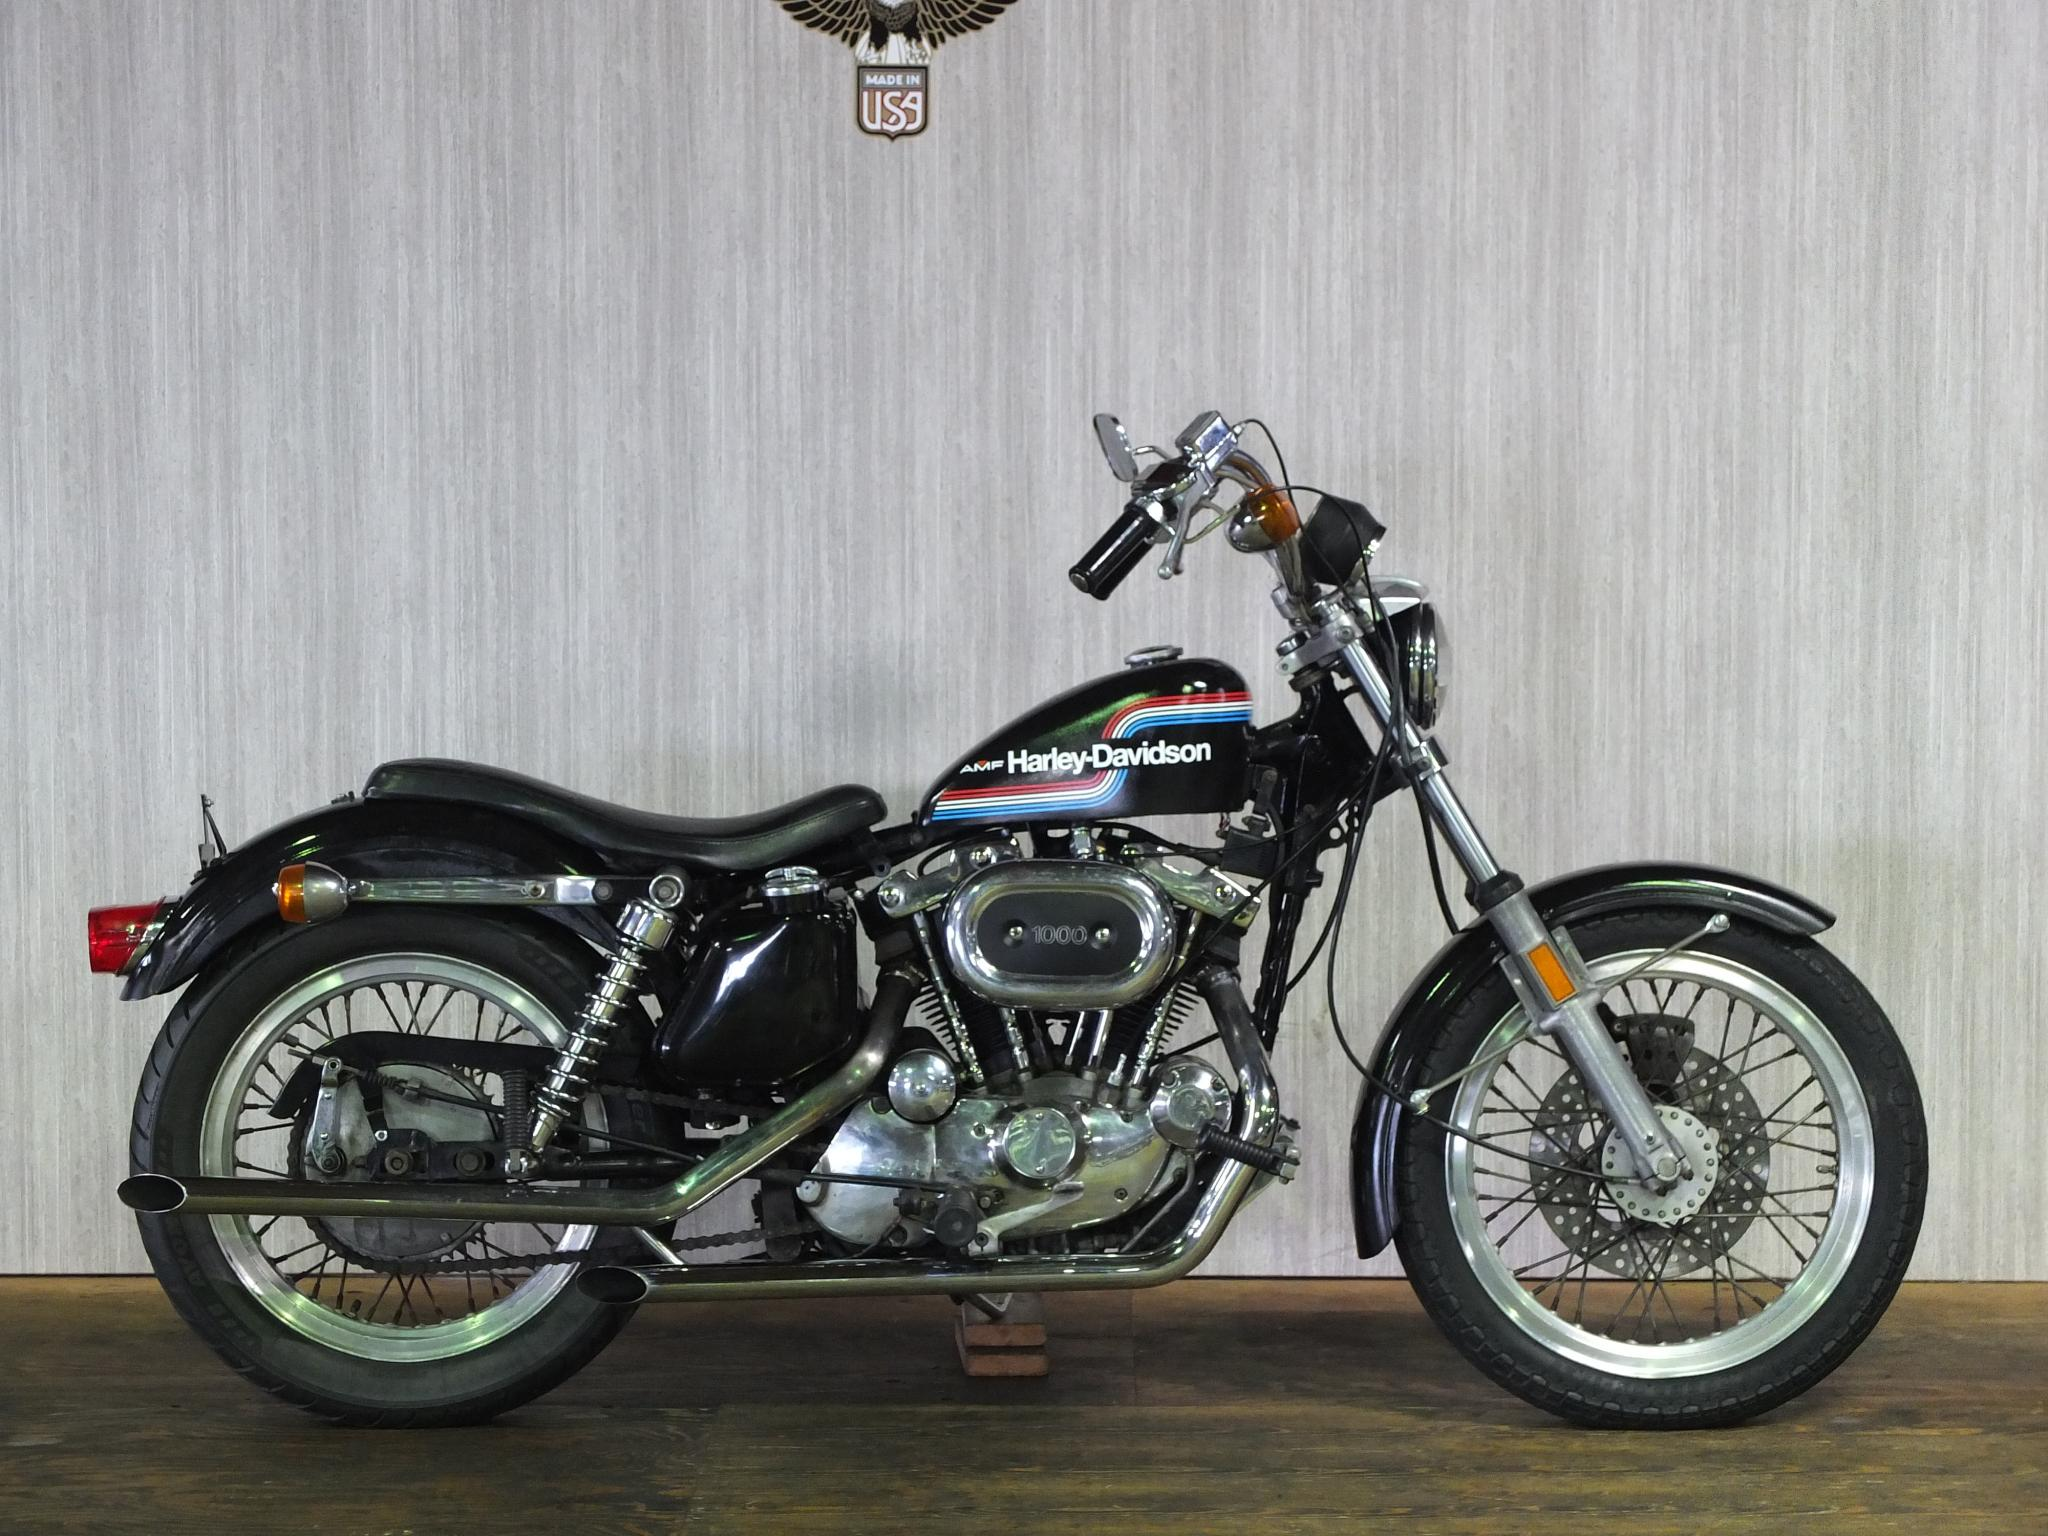 ハーレーダビッドソン 1975 XLH 1000 車体写真1